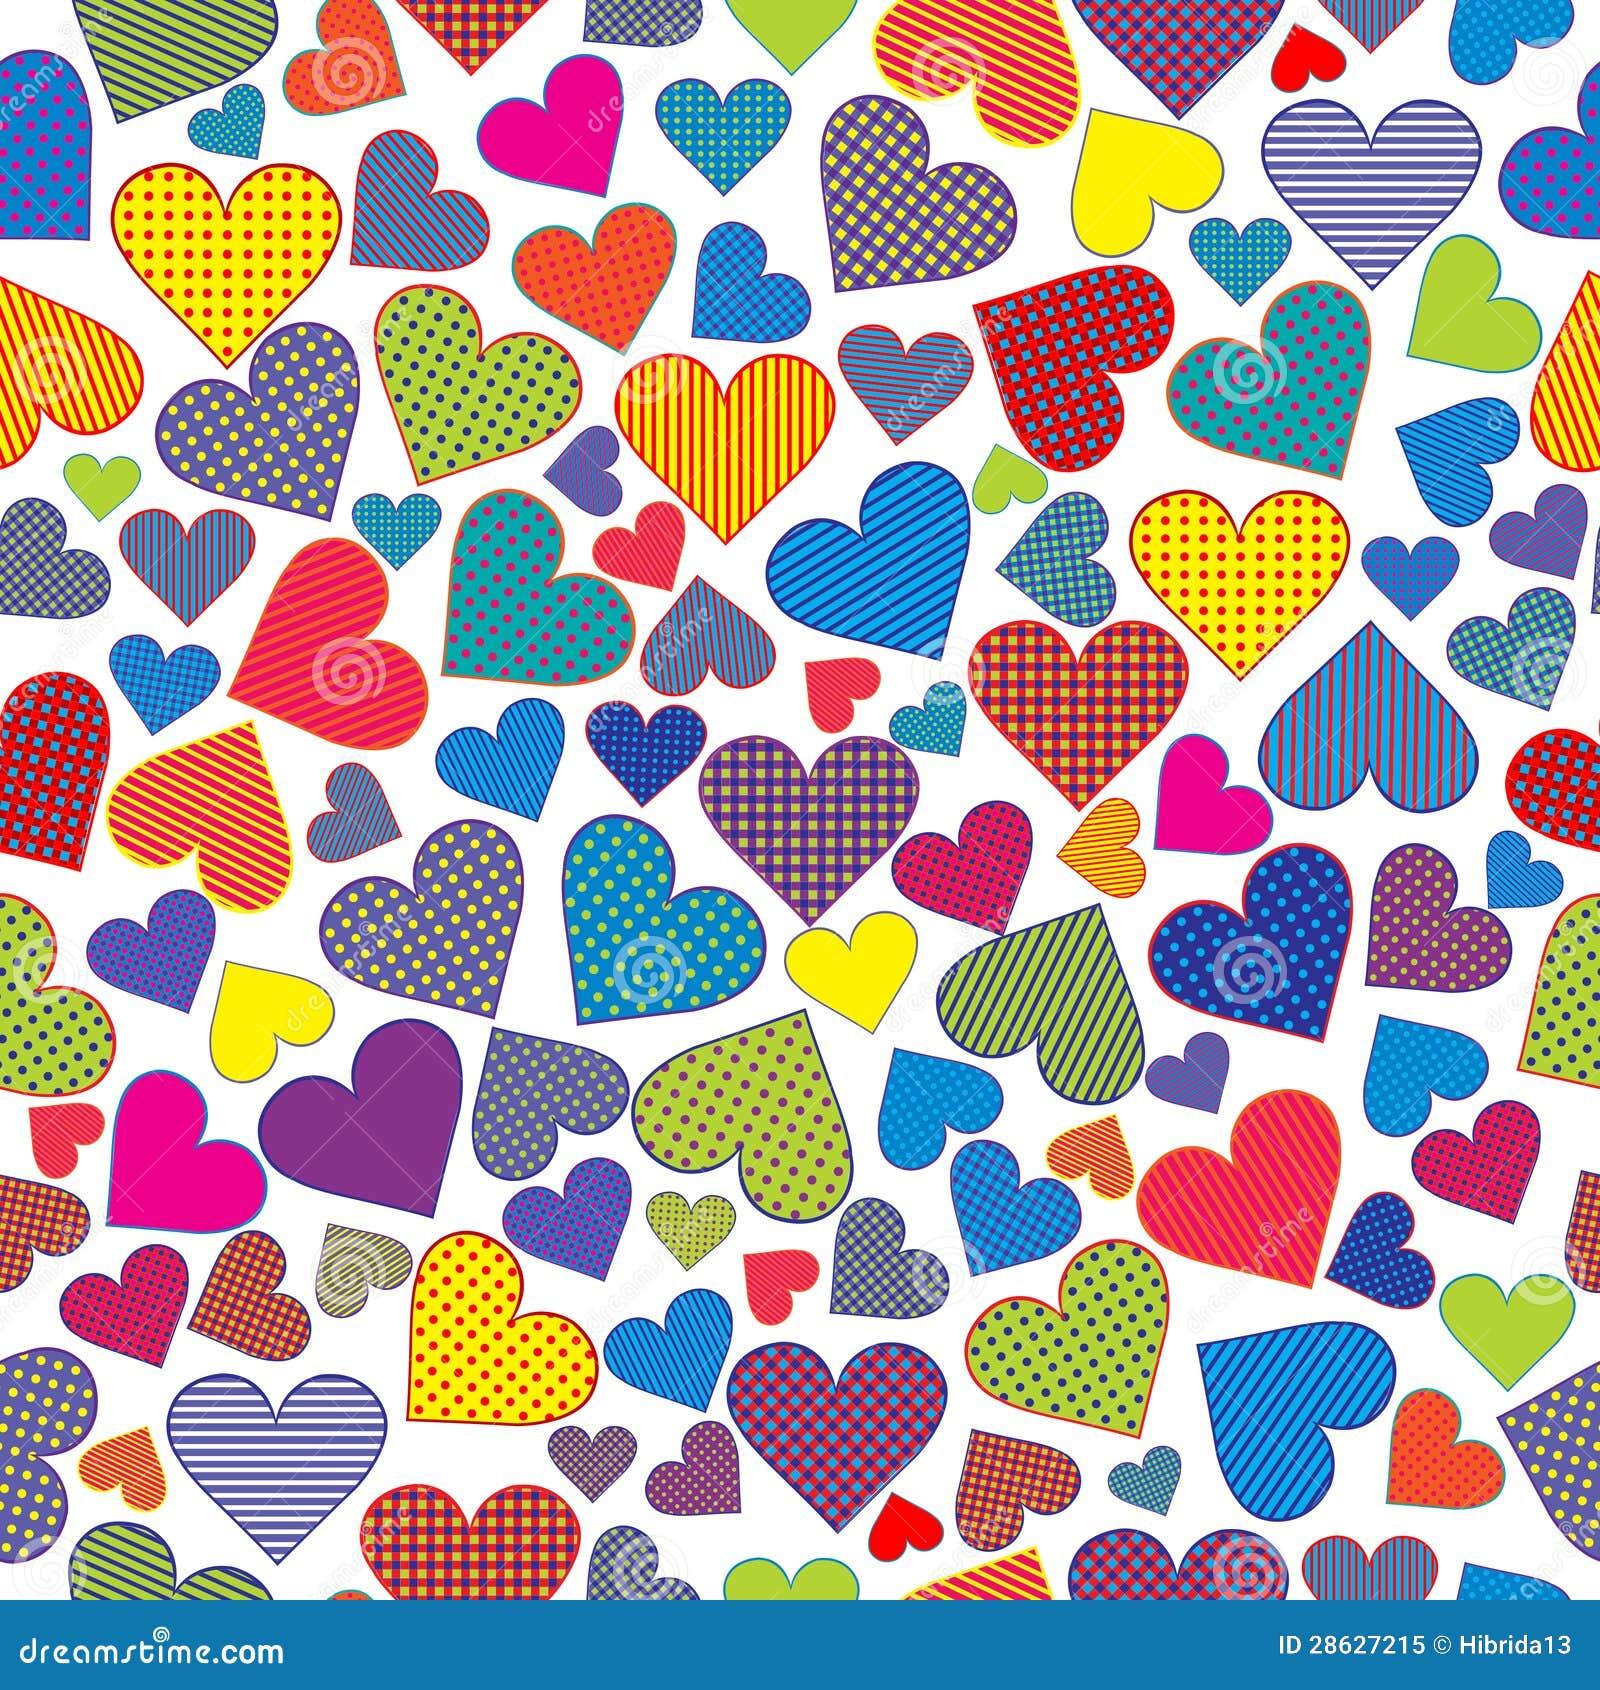 Stylized hearts background seamless pattern